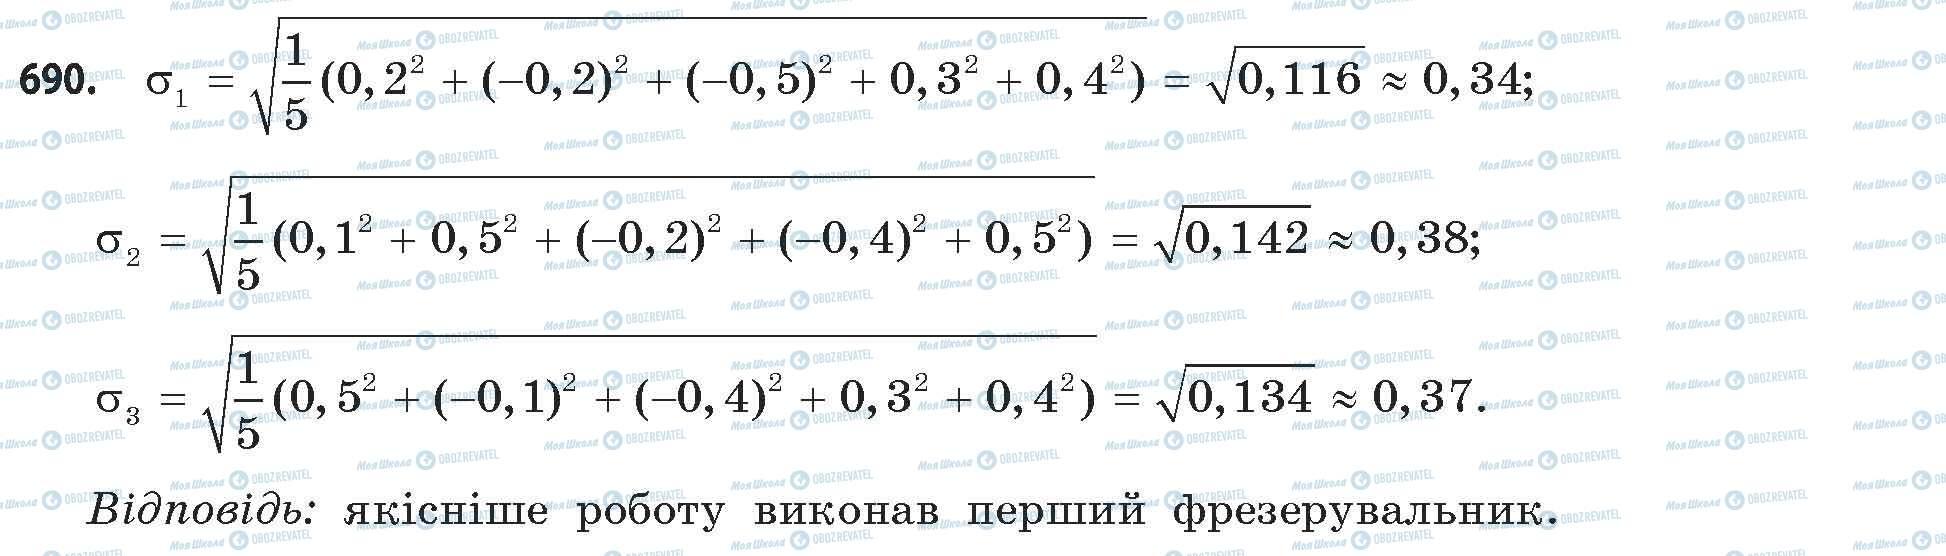 ГДЗ Математика 11 класс страница 690